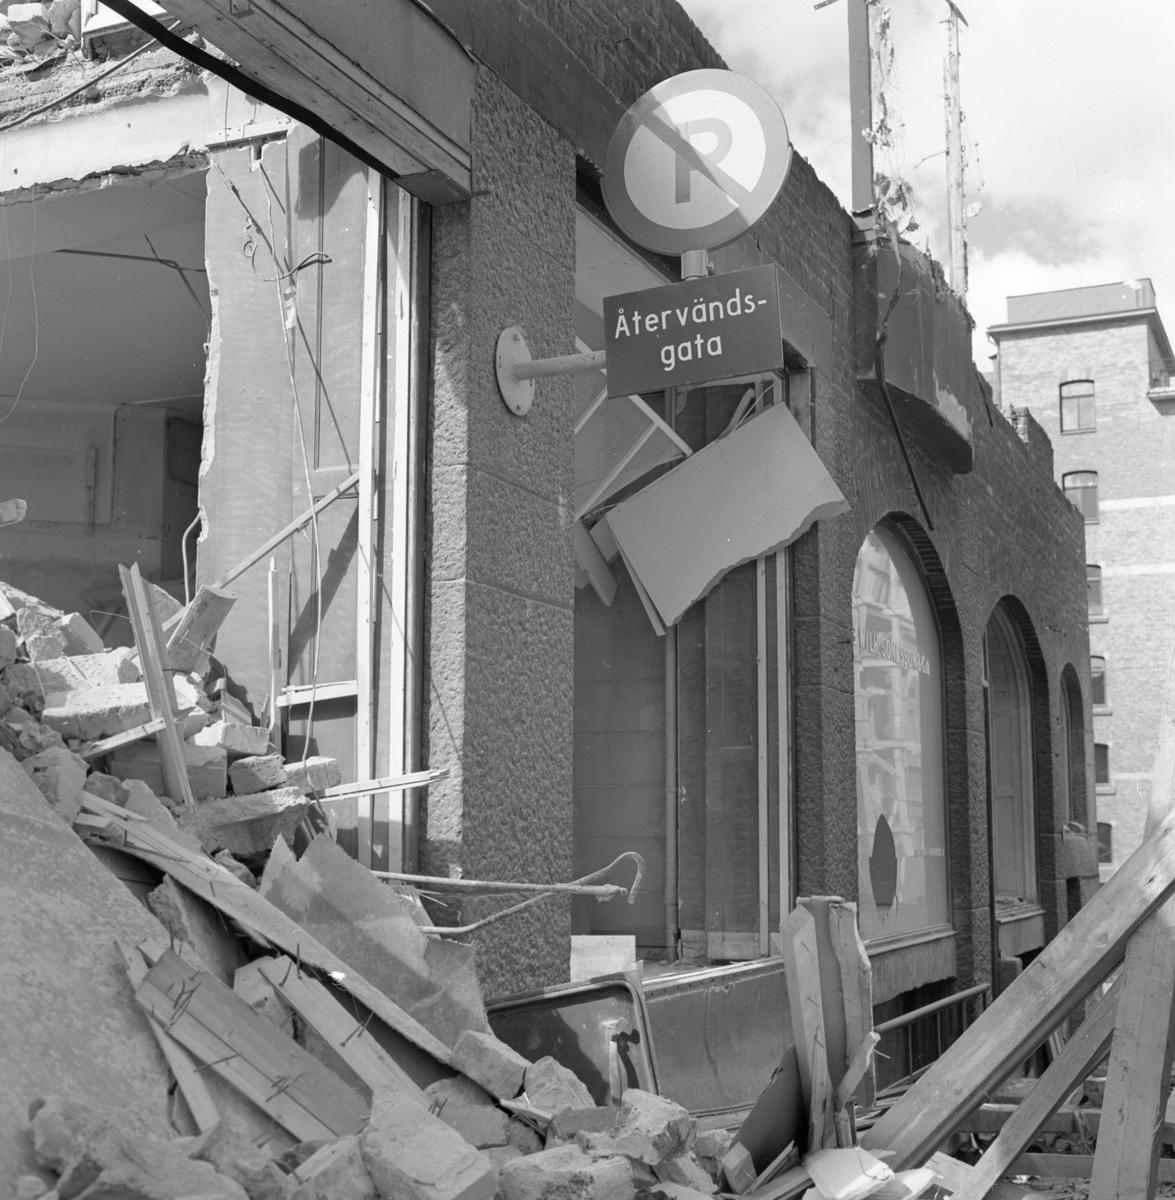 Rivning av SWB-huset, 1961. SWB-huset var en kontors- och bostadsbyggnad som tillhörde Stockholm–Västerås–Bergslagens Järnvägar och var beläget vid Vasagatan 24, Stockholm.